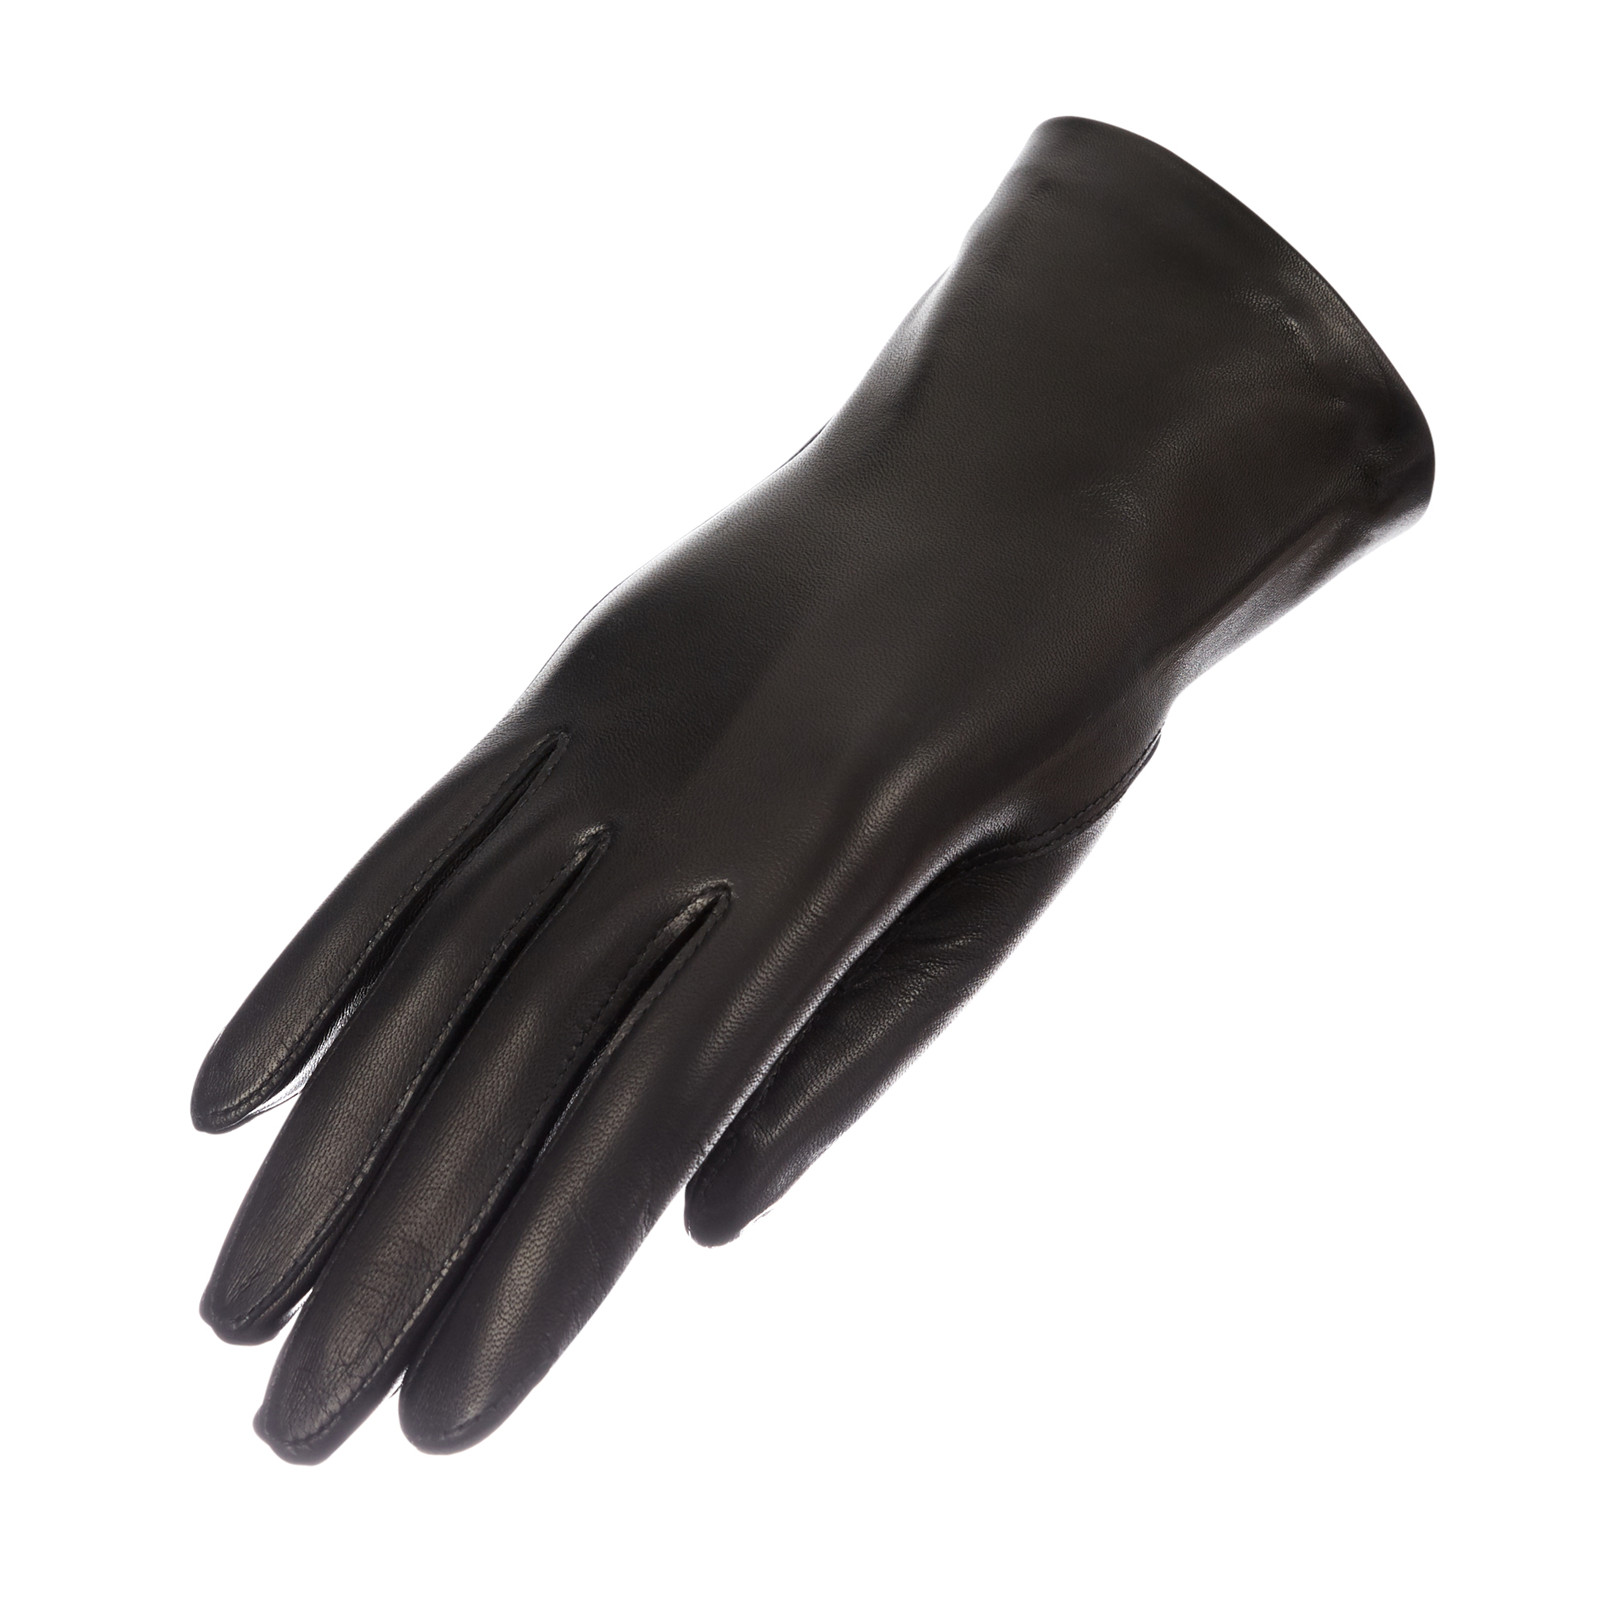 Randers Handsker glat damehandske u/foer